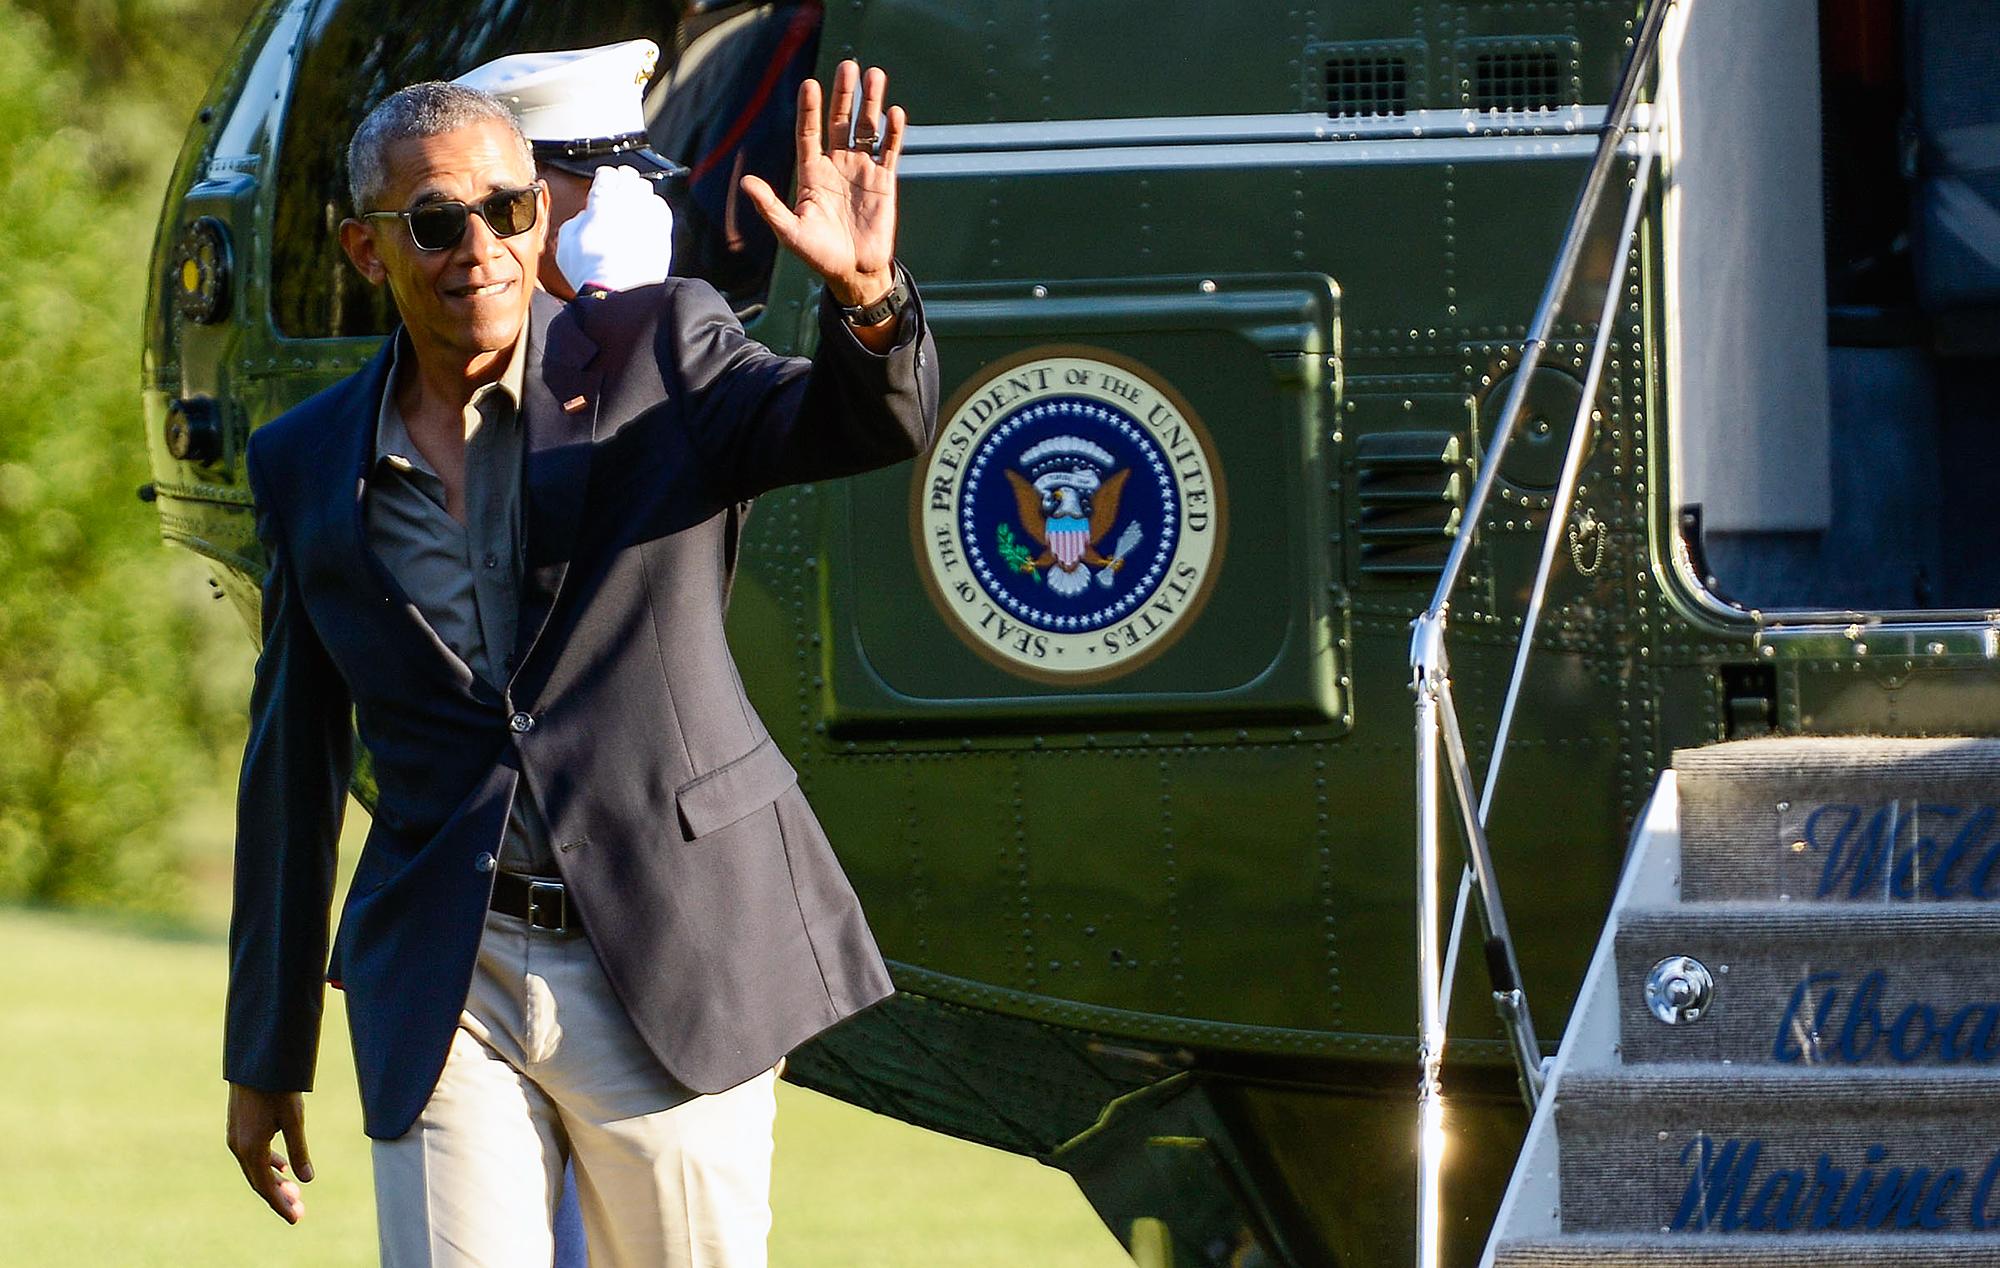 Barack Obama Marine One helicopter